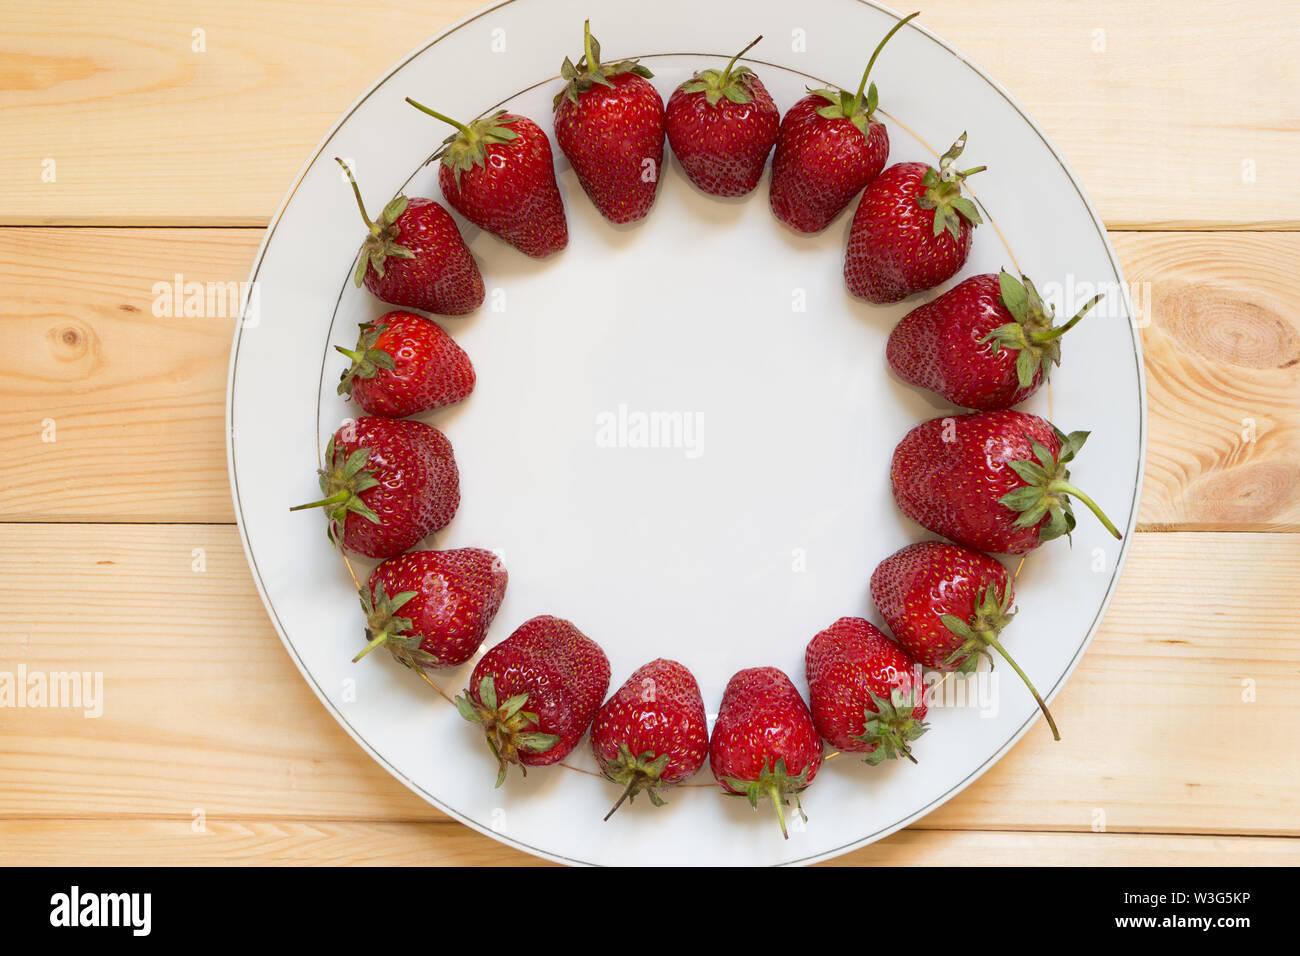 Rosso fragole mature stabiliti nella forma del cerchio sulla piastra bianca luce sul tavolo di legno. Copia dello spazio nel centro del telaio. Posto per il testo. Deliziosa natur Foto Stock